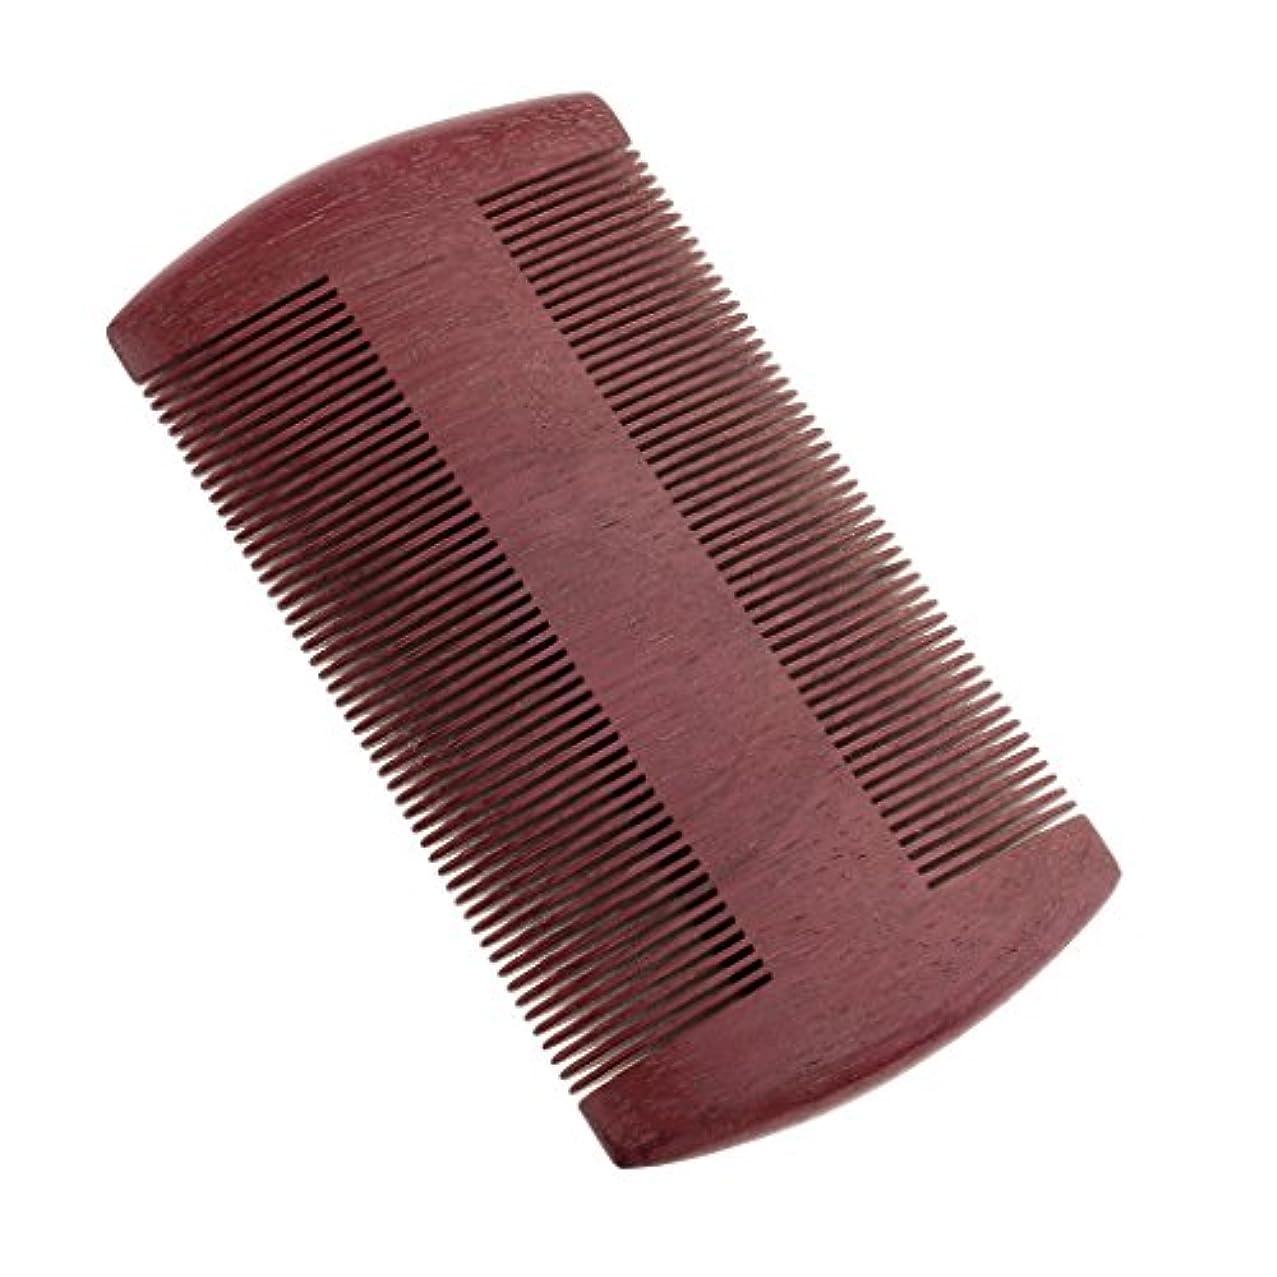 Kesoto ウッドコーム 木製 ダブル密度 歯 櫛 ひげ ブラシ